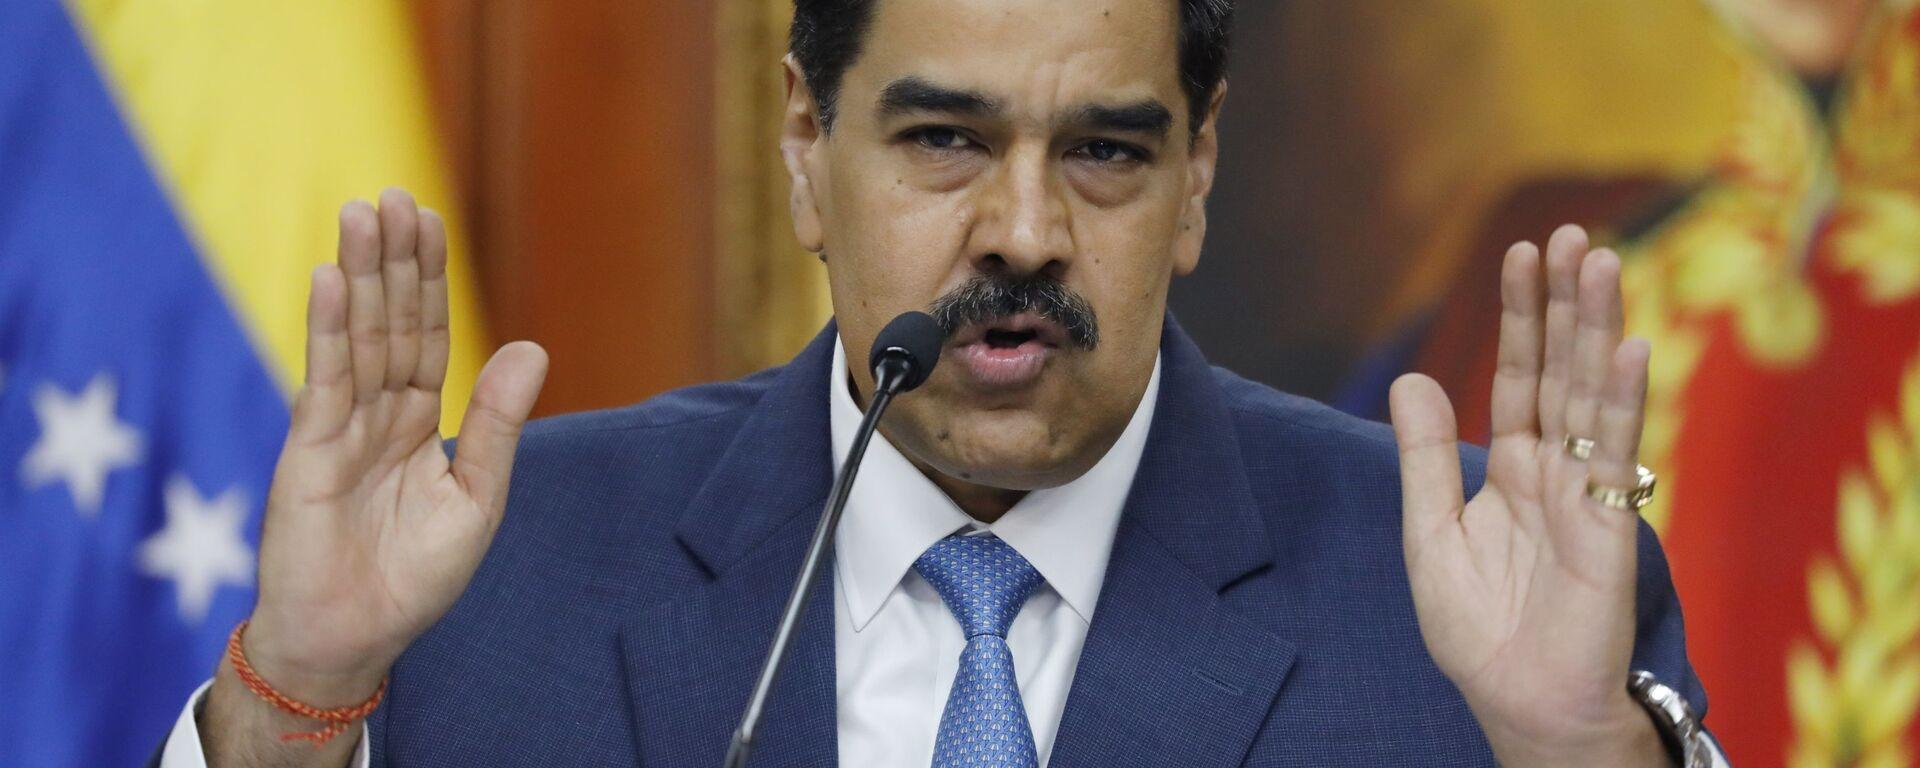 Nicolás Maduro, el presidente de Venezuela - Sputnik Mundo, 1920, 31.05.2021